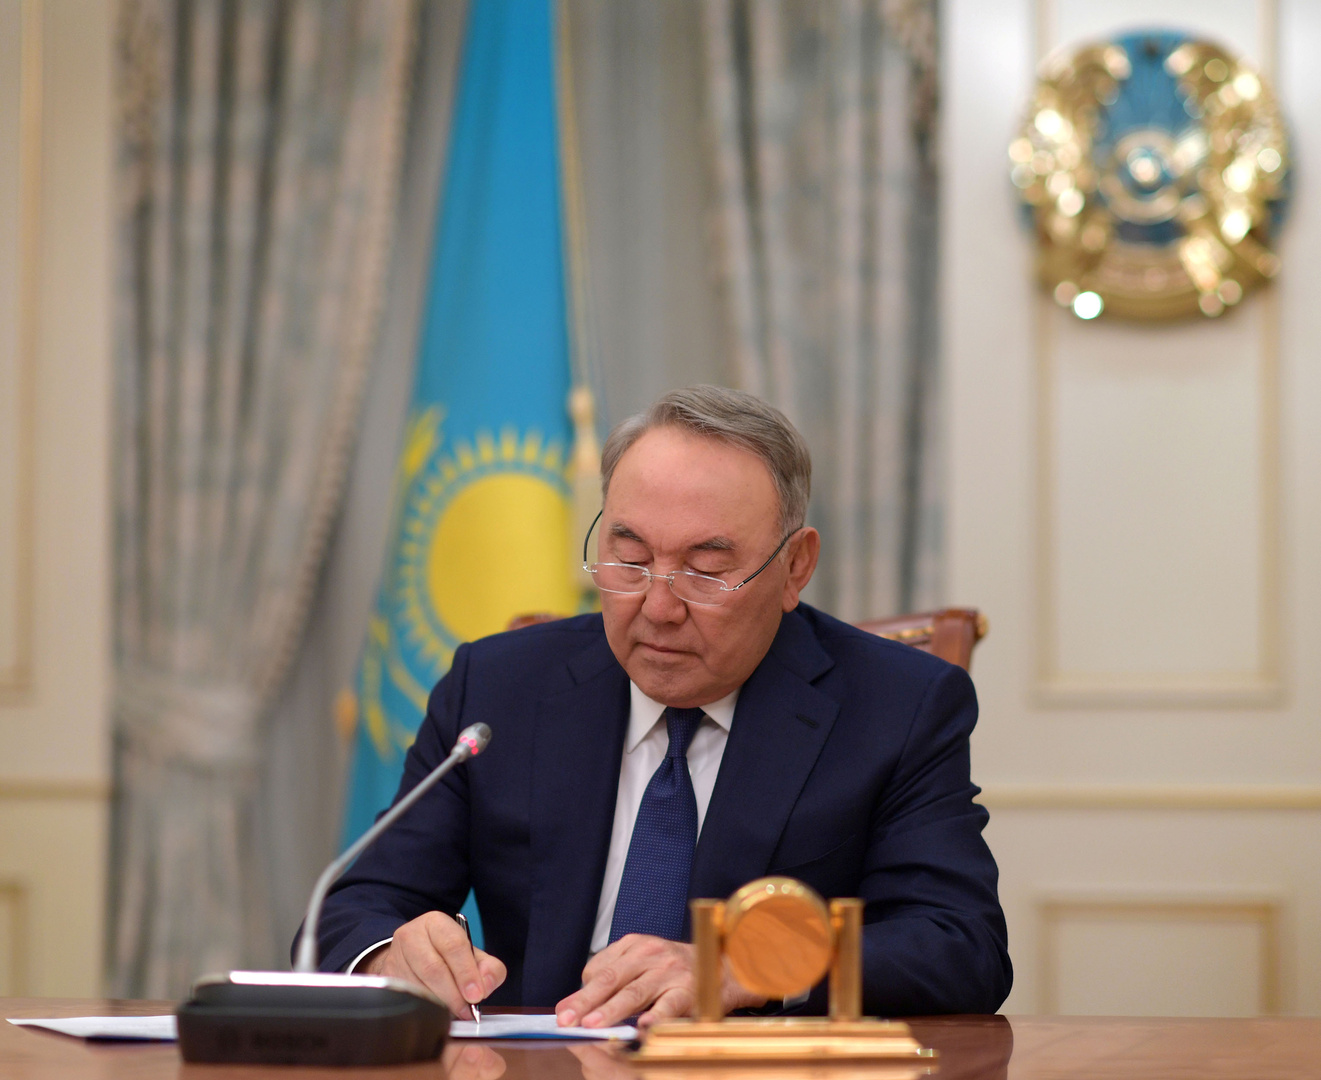 رئيس كازاخستان السابق يفسر استمراره في العمل السياسي